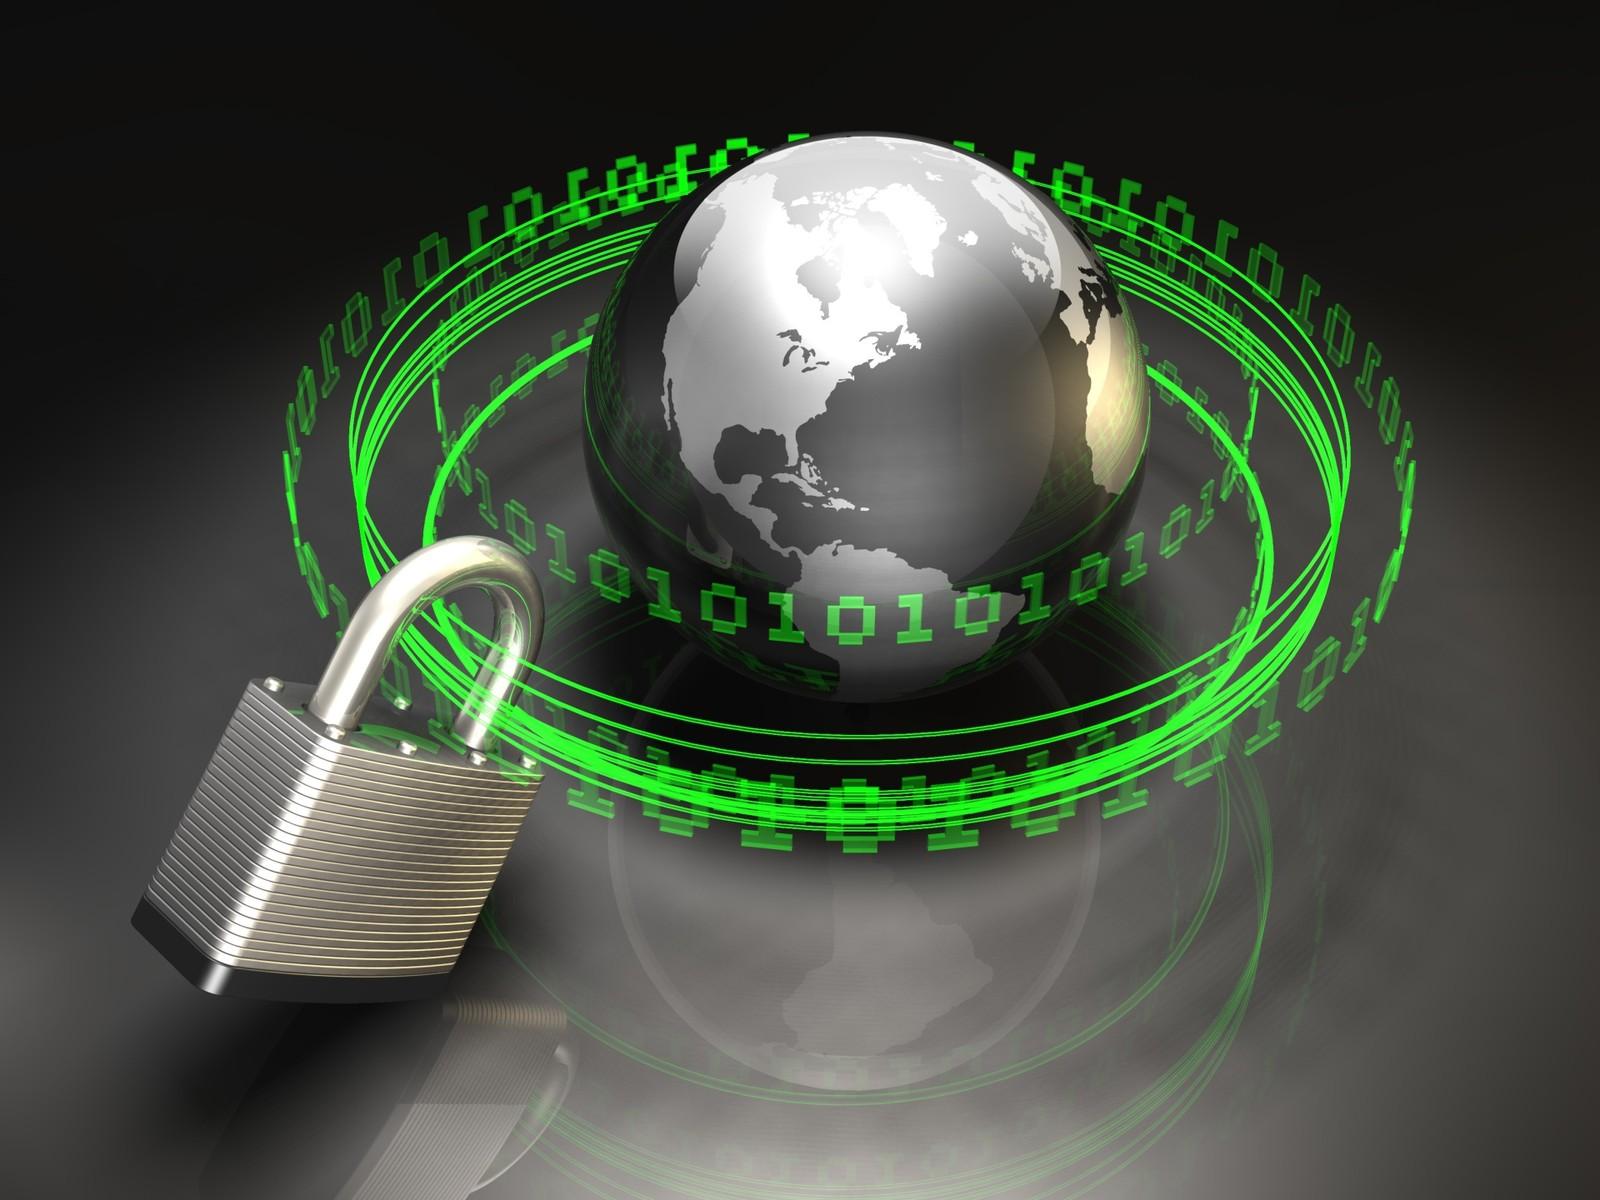 Безопасность жизнь технологии моя